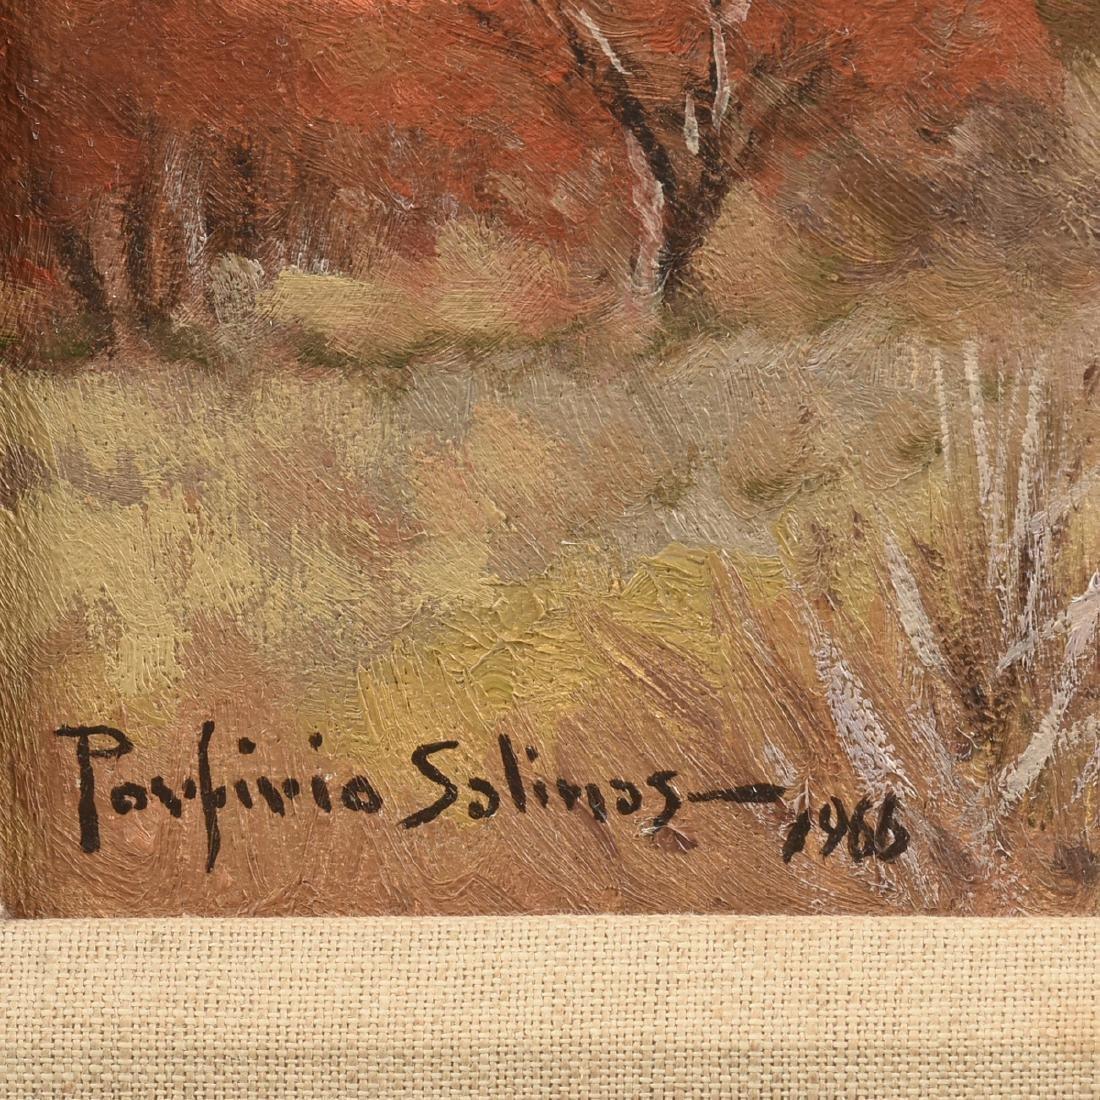 PORFIRIO SALINAS (American/Texas 1910-1973) A PAINTING, - 3